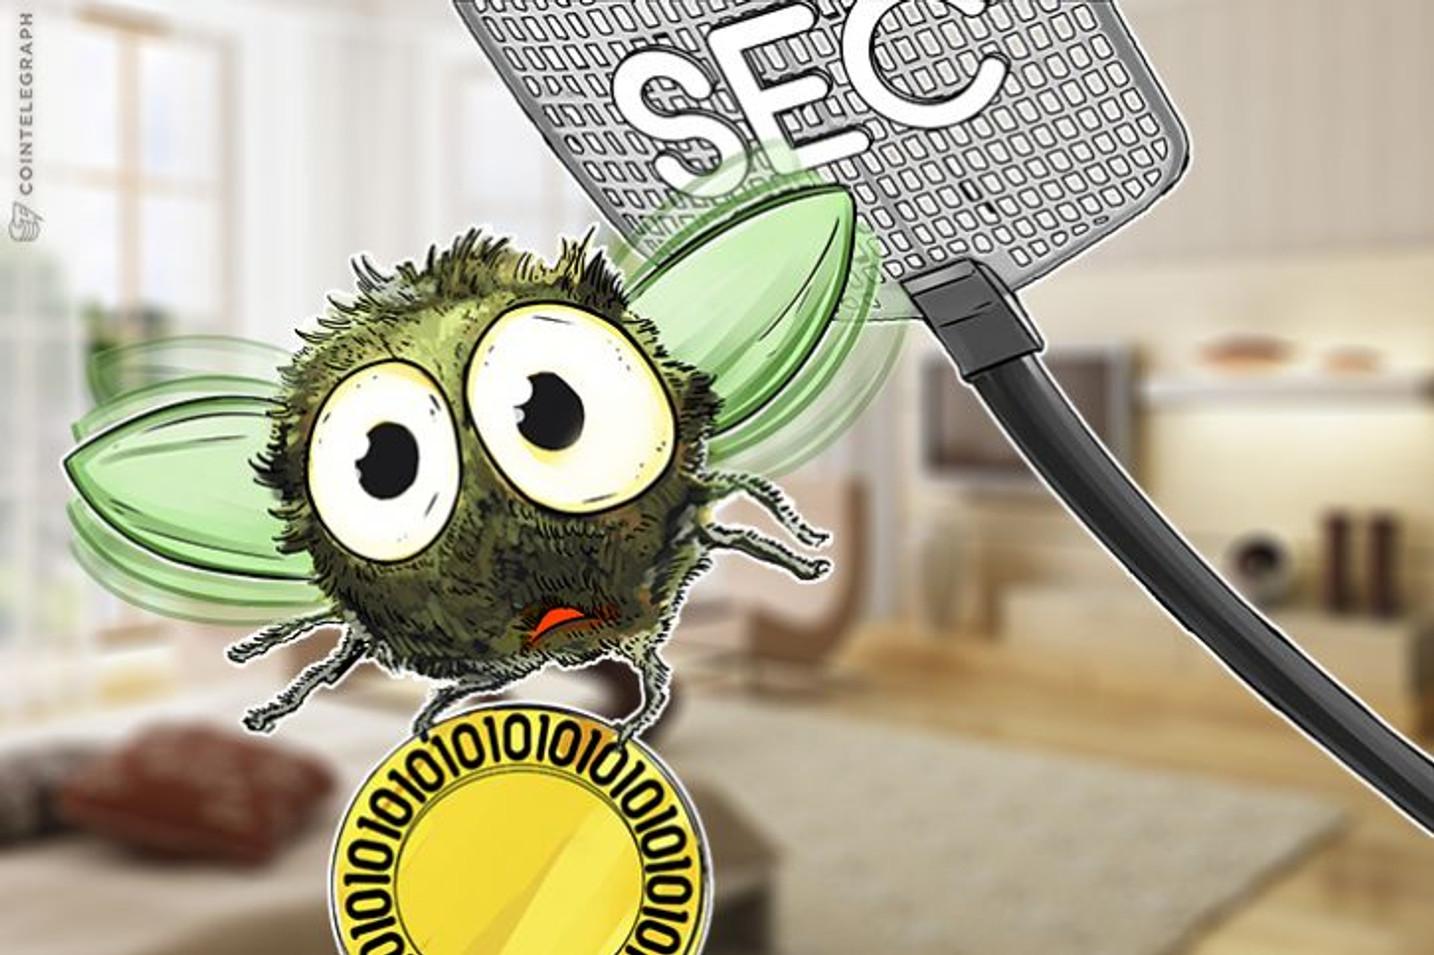 La SEC ha lanciato un'indagine sulle criptovalute, afferma il WSJ